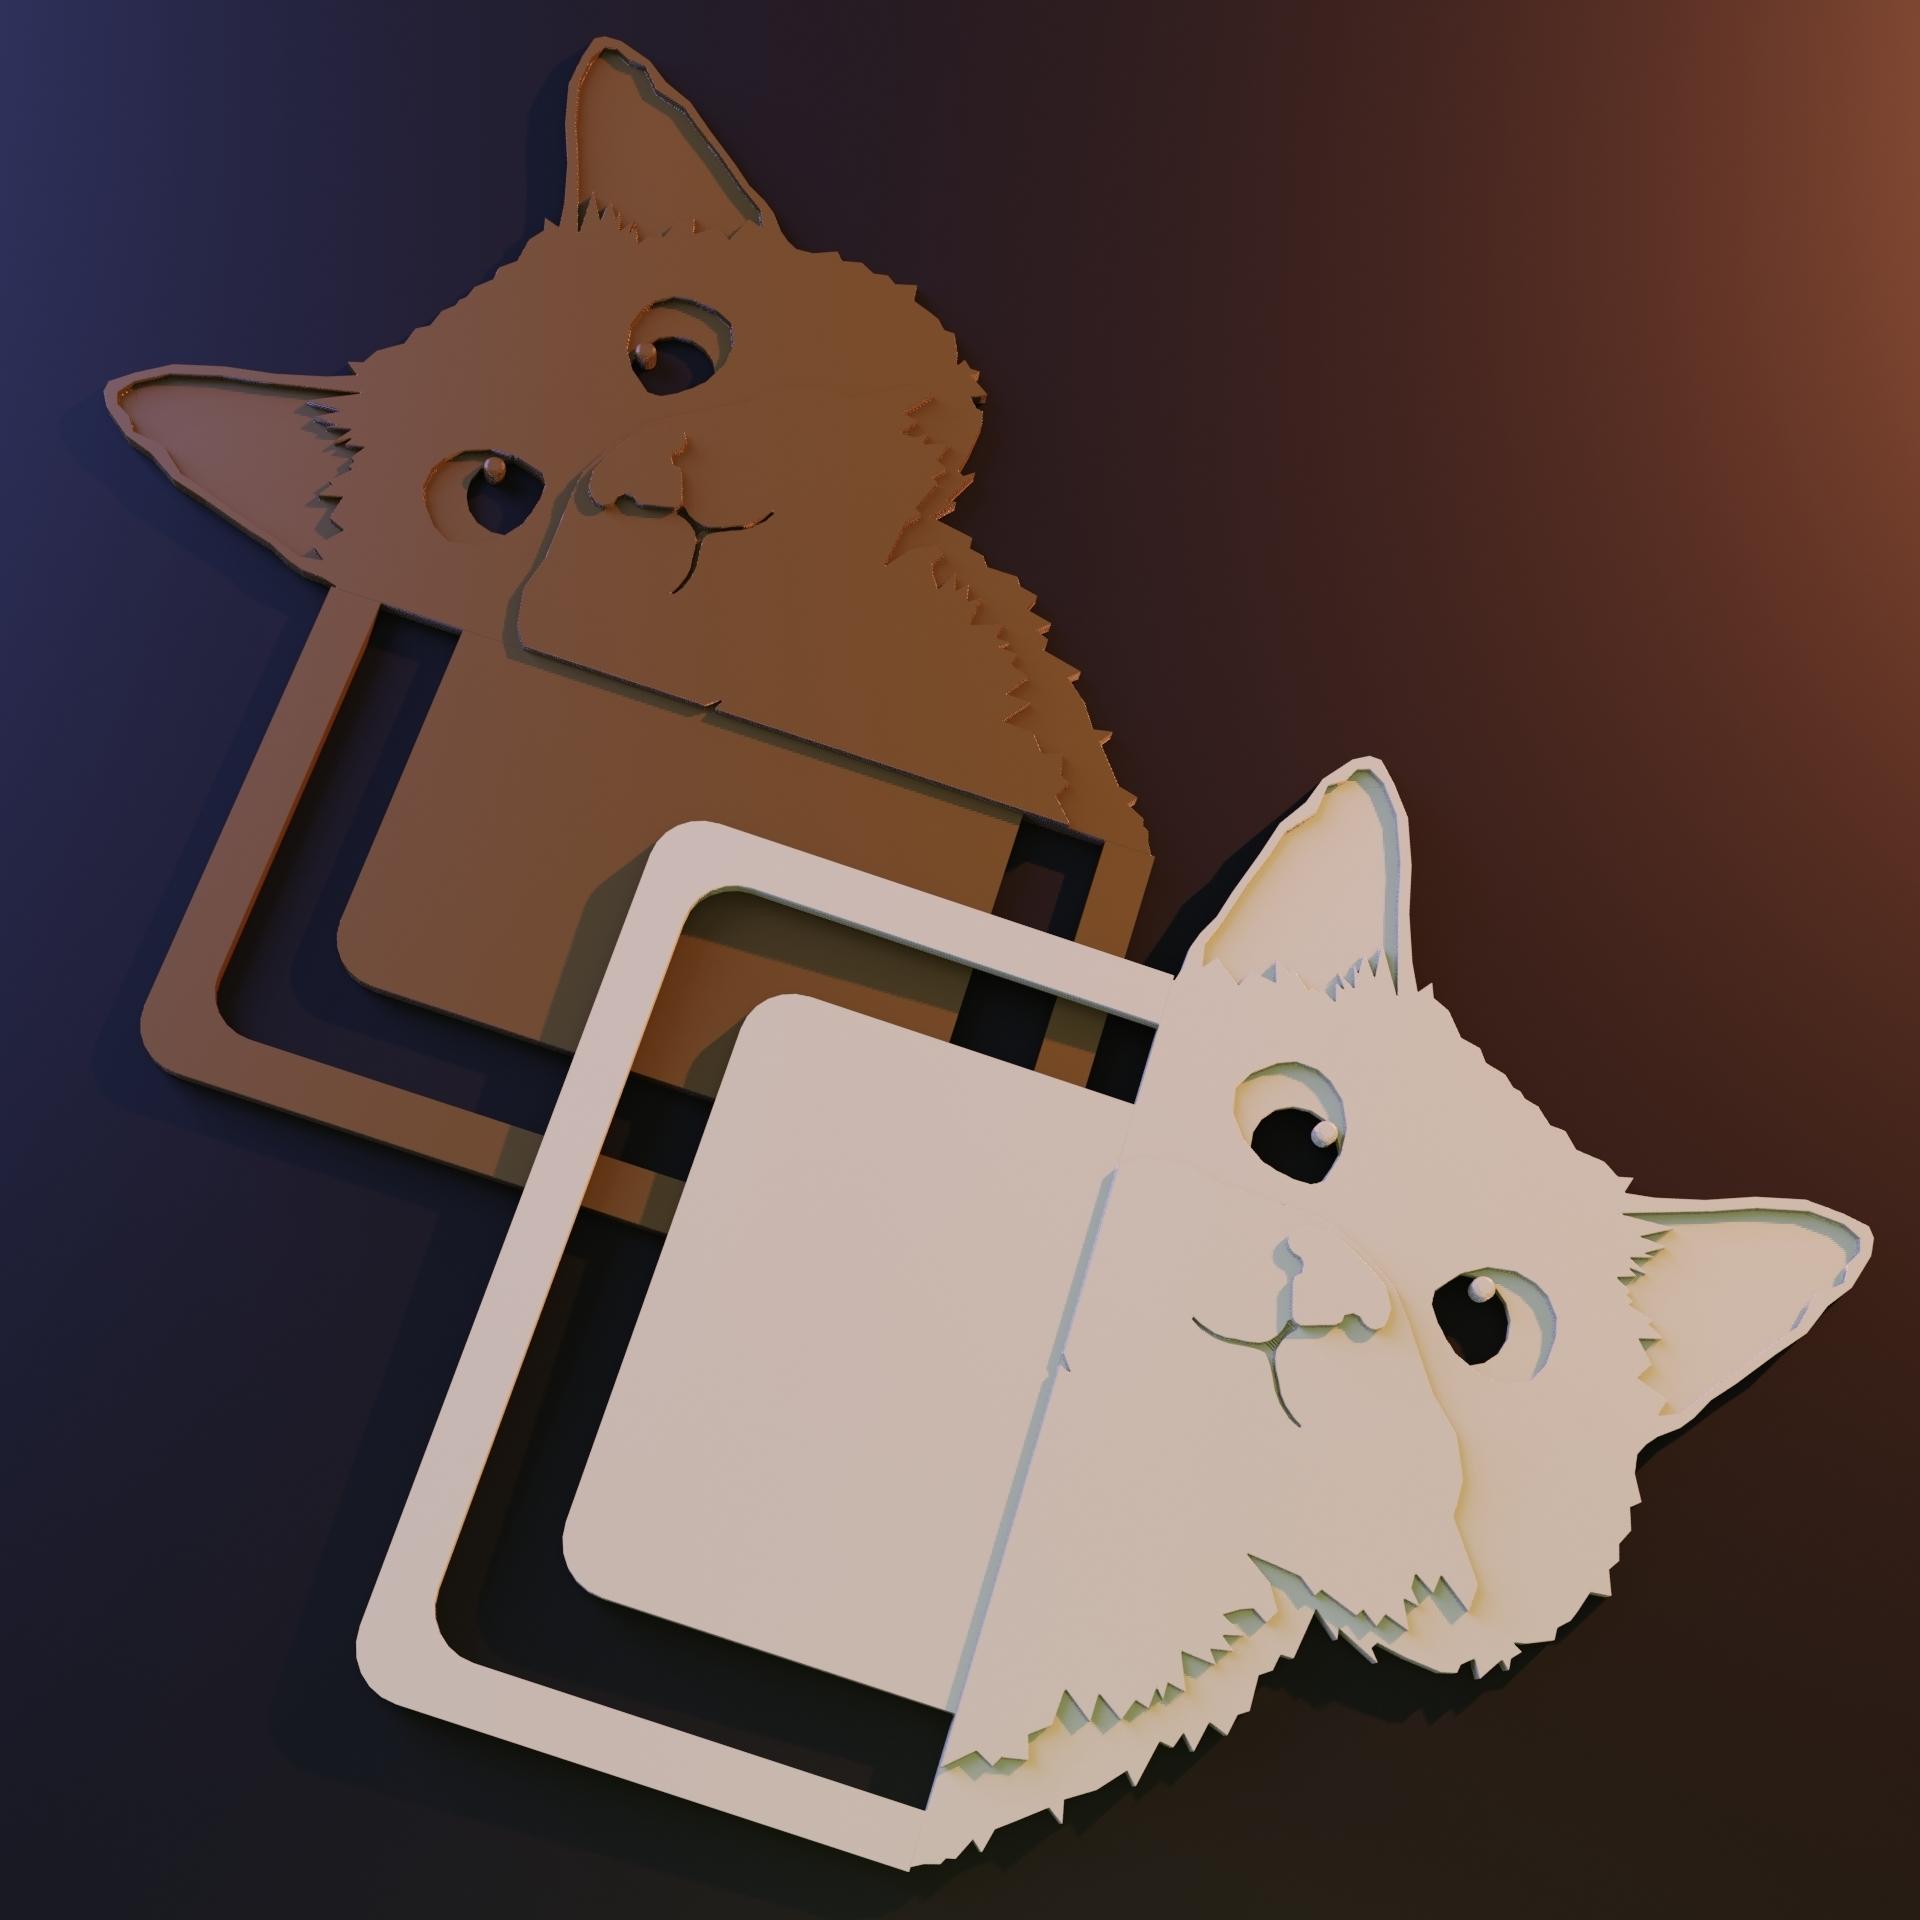 Sneaky cat bookmark_Rendering.jpg Télécharger fichier STL gratuit Marque-page chat caché • Modèle pour impression 3D, Arkatz